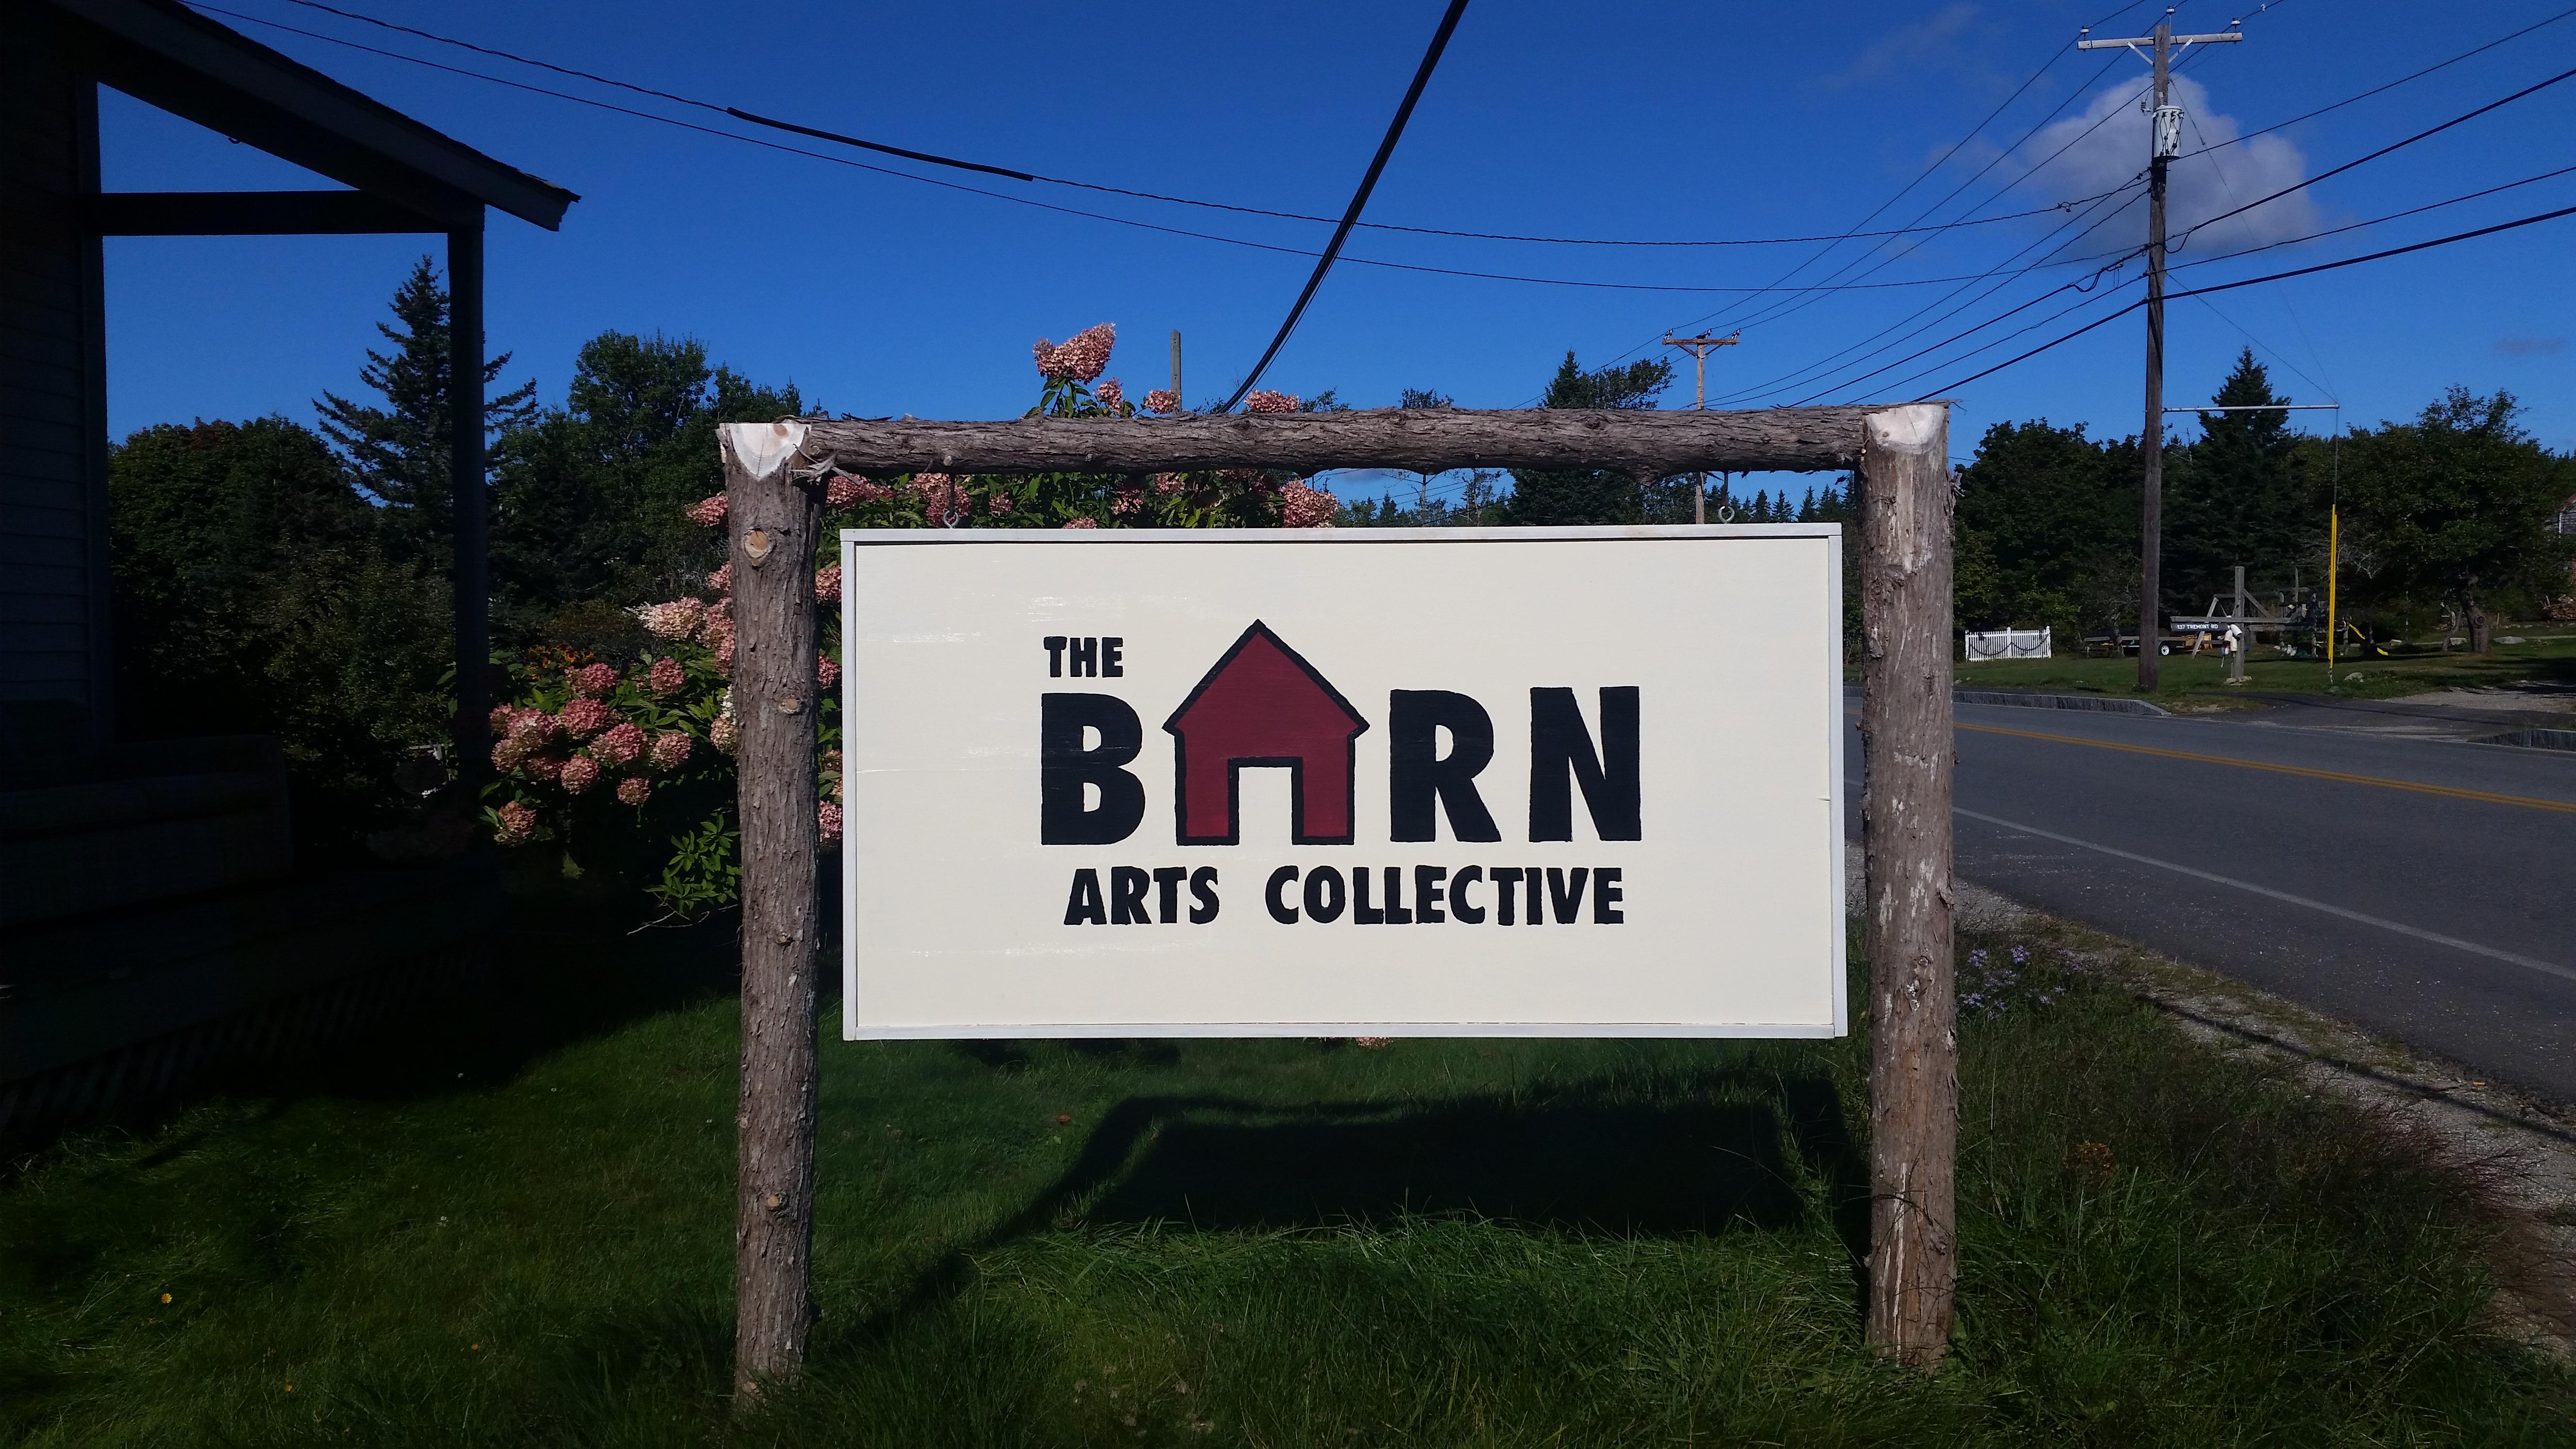 Barn Arts